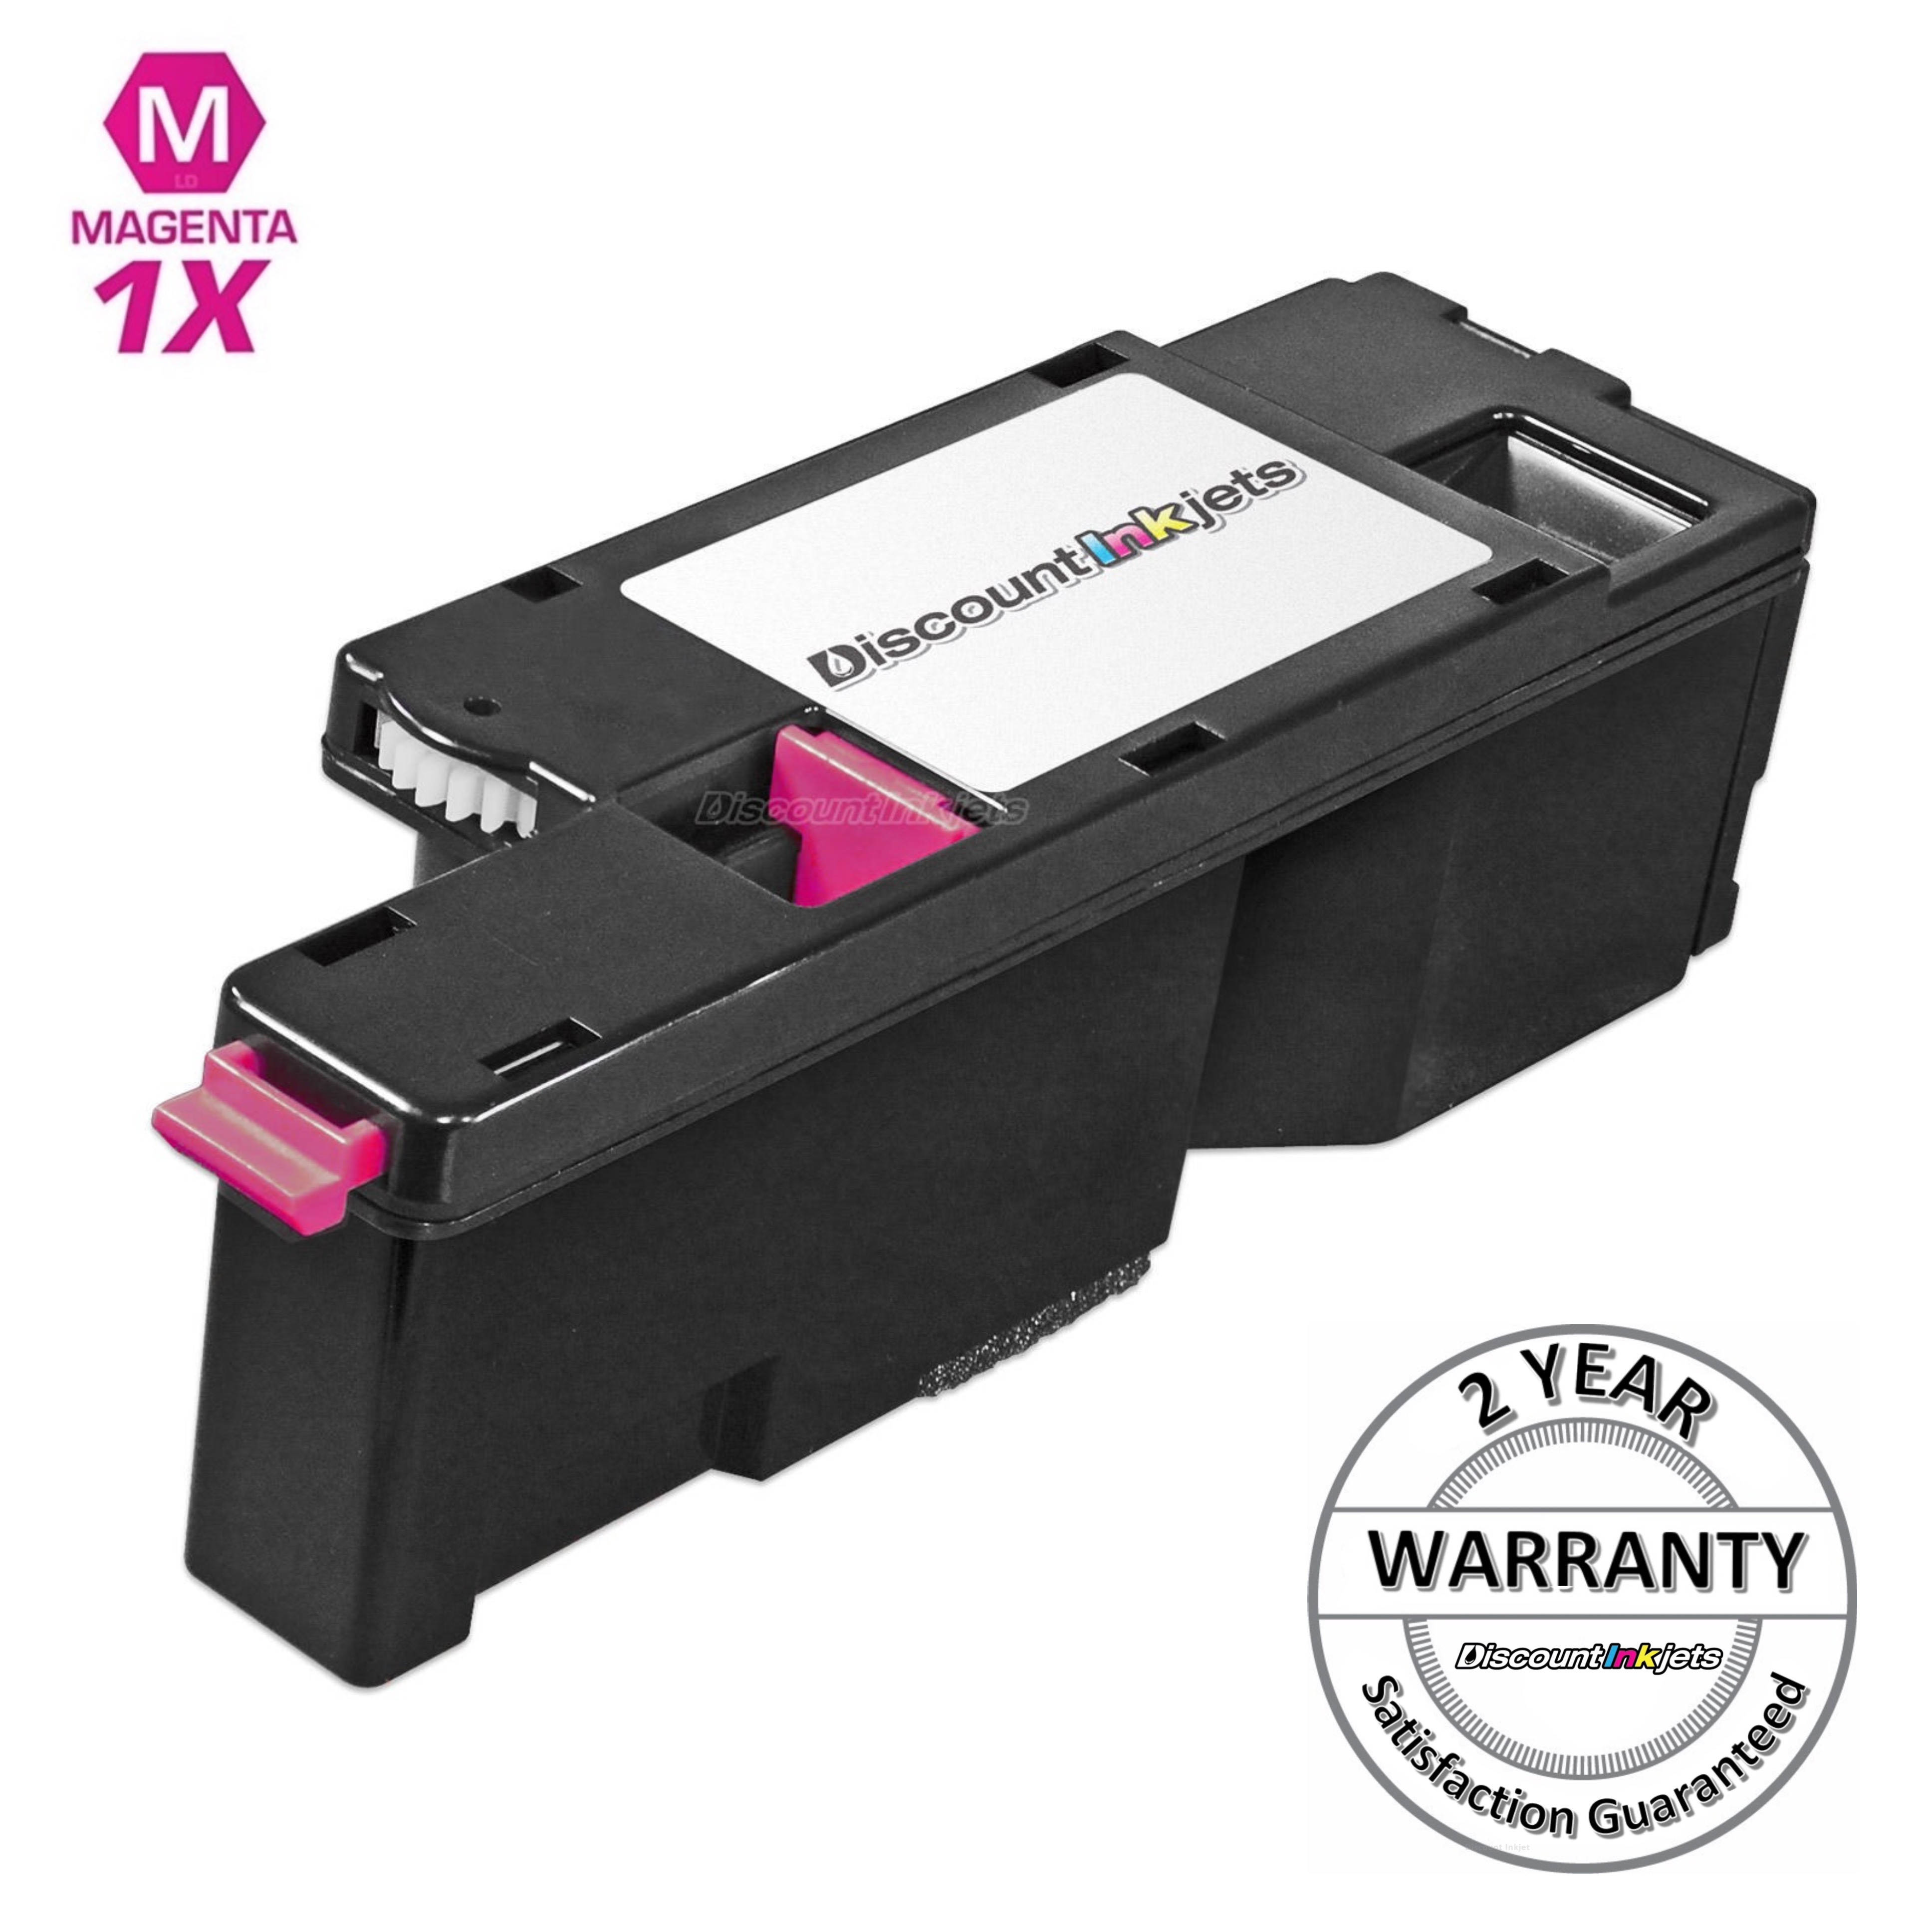 Magenta Laser Toner Cartridge for Xerox Phaser 6010 6000 106R1628